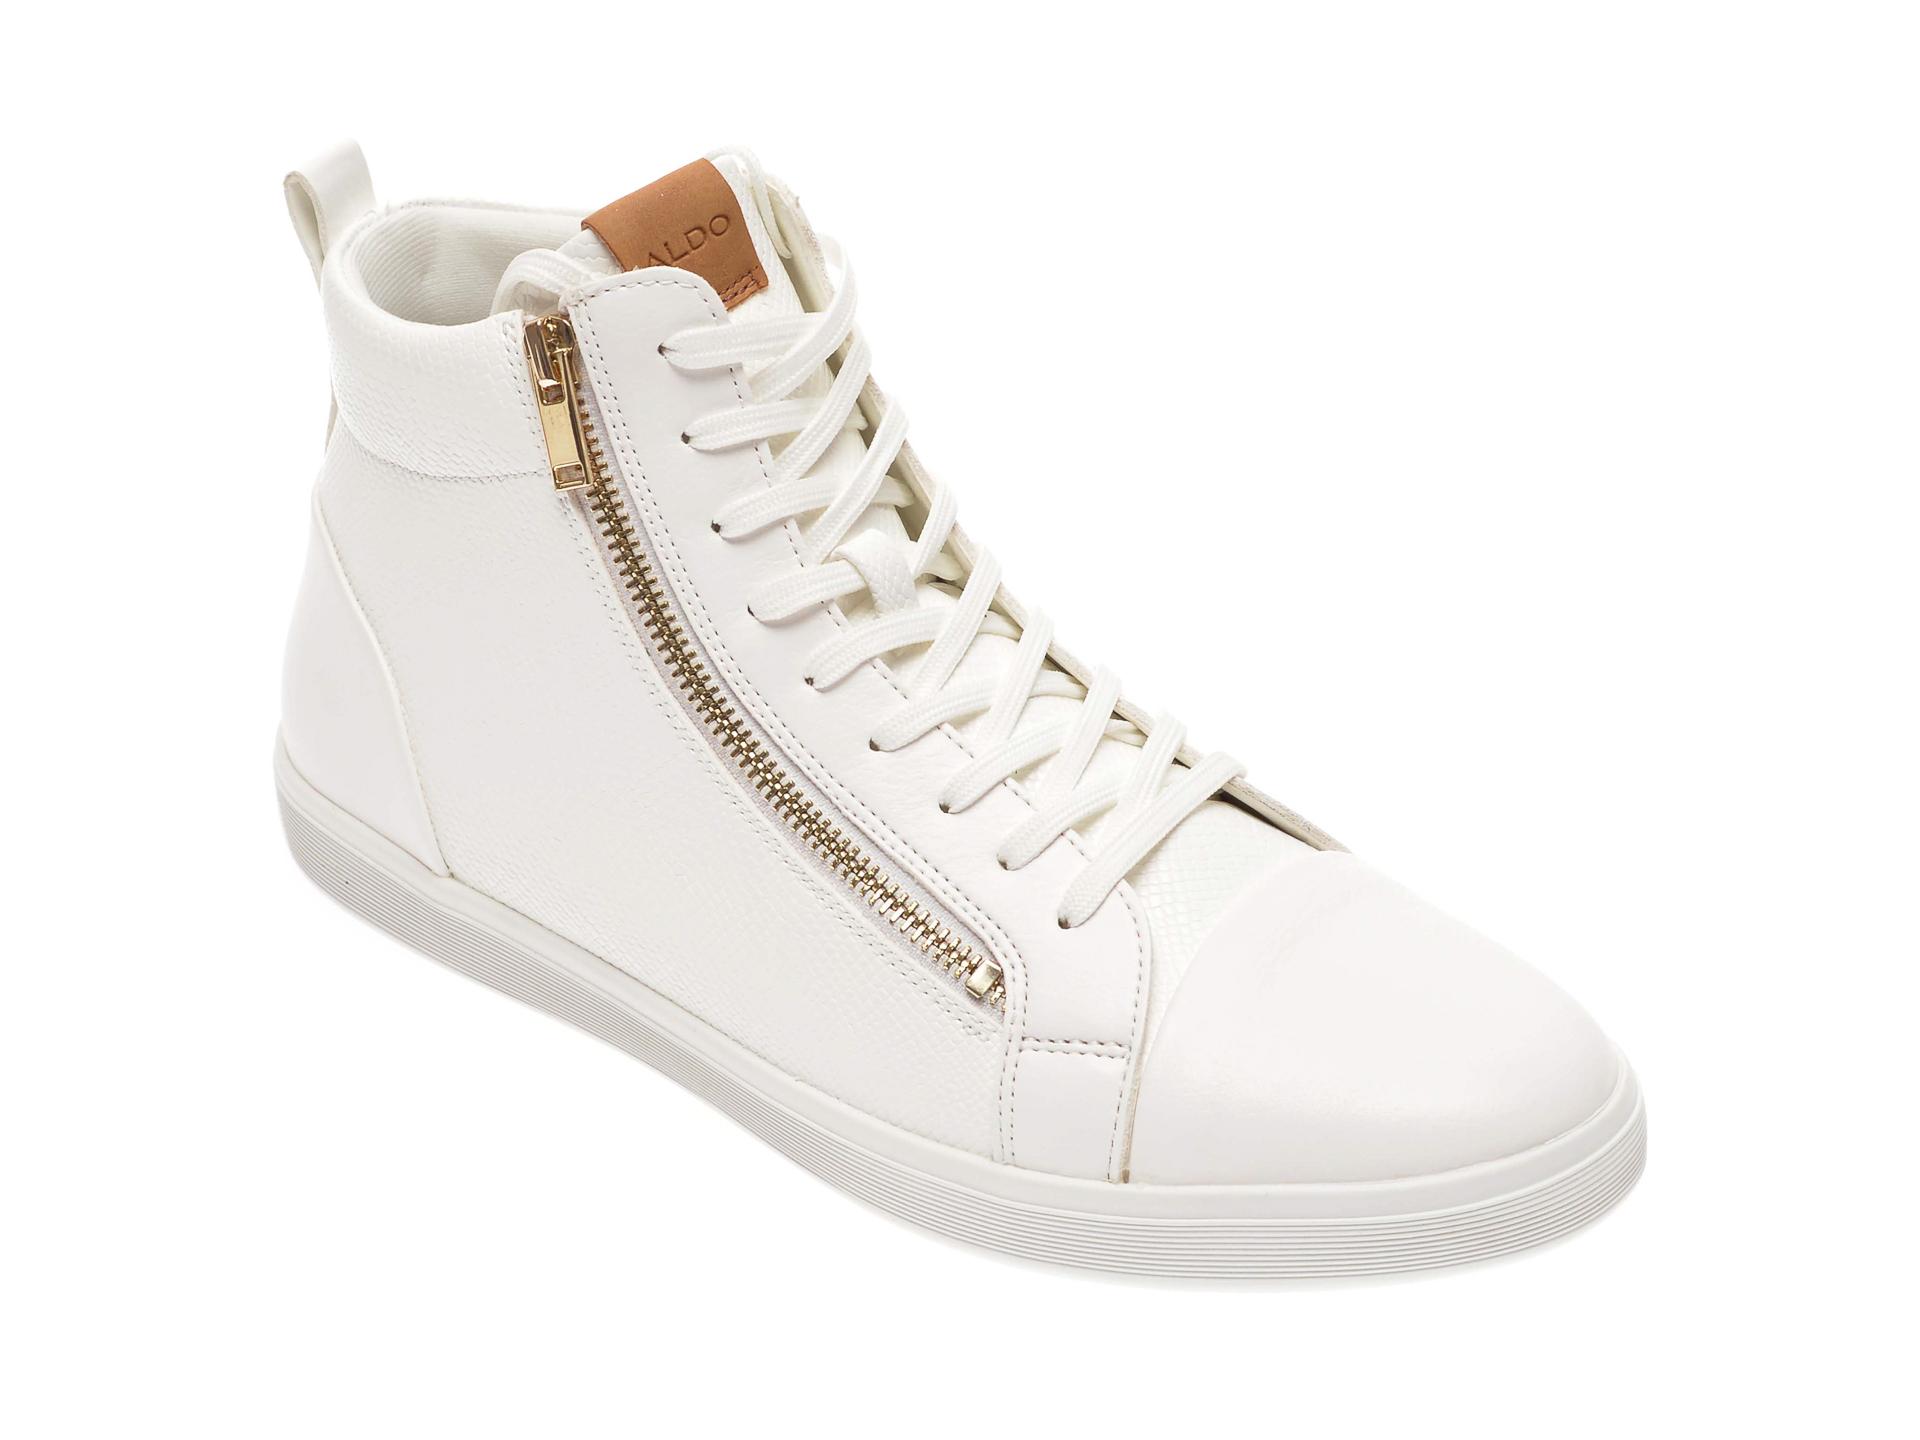 Pantofi ALDO albi, Kelston100, din piele ecologica imagine